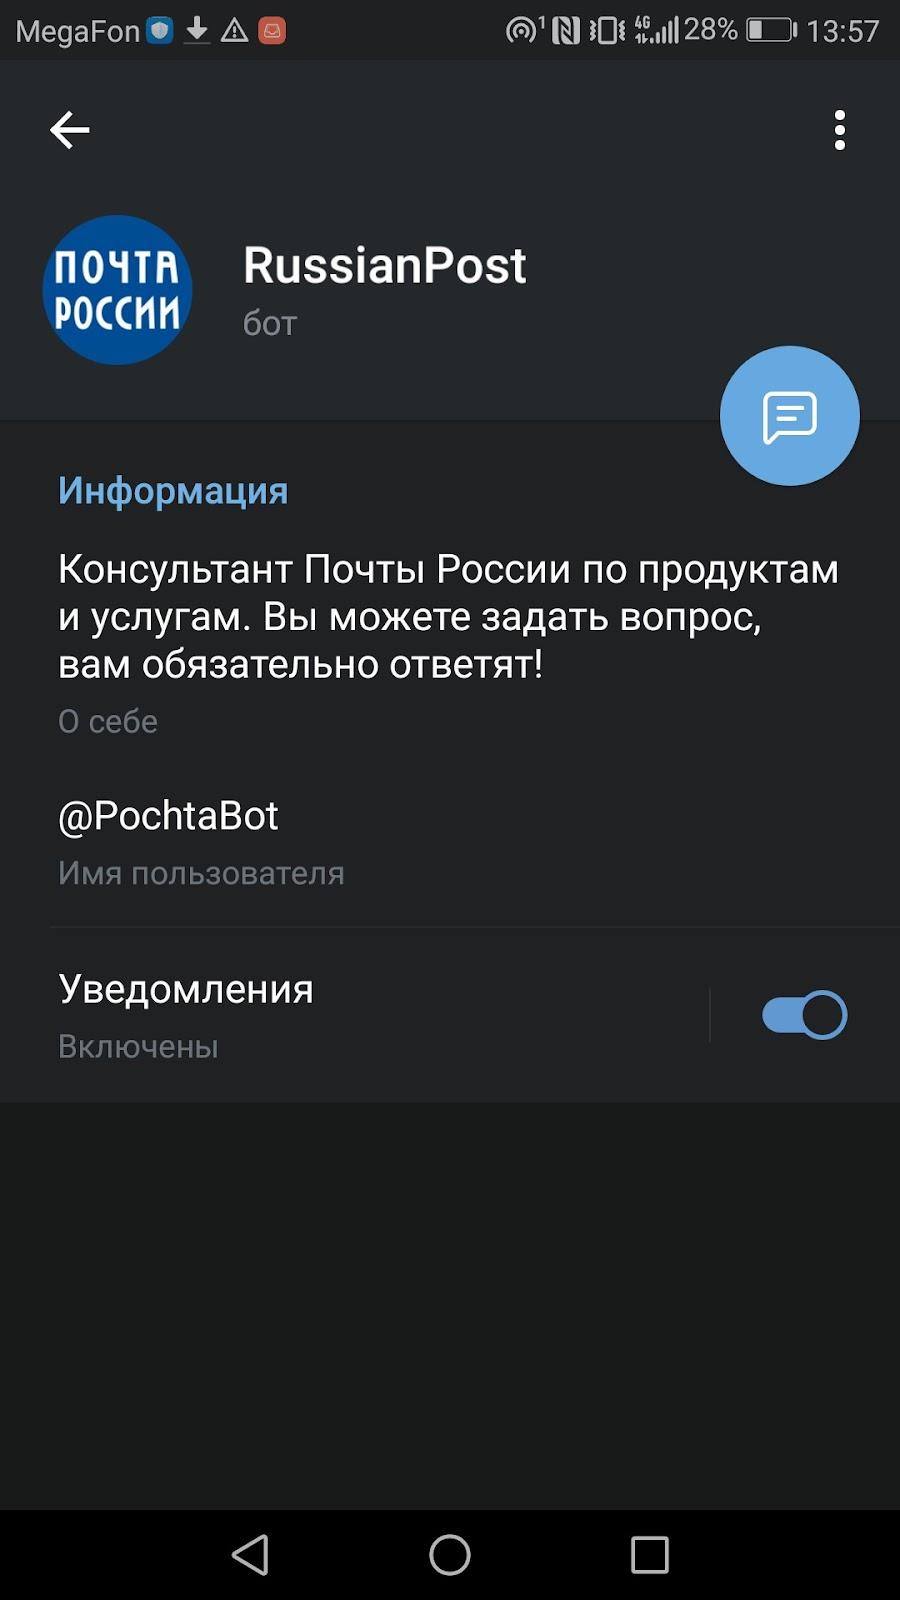 PochtaBot